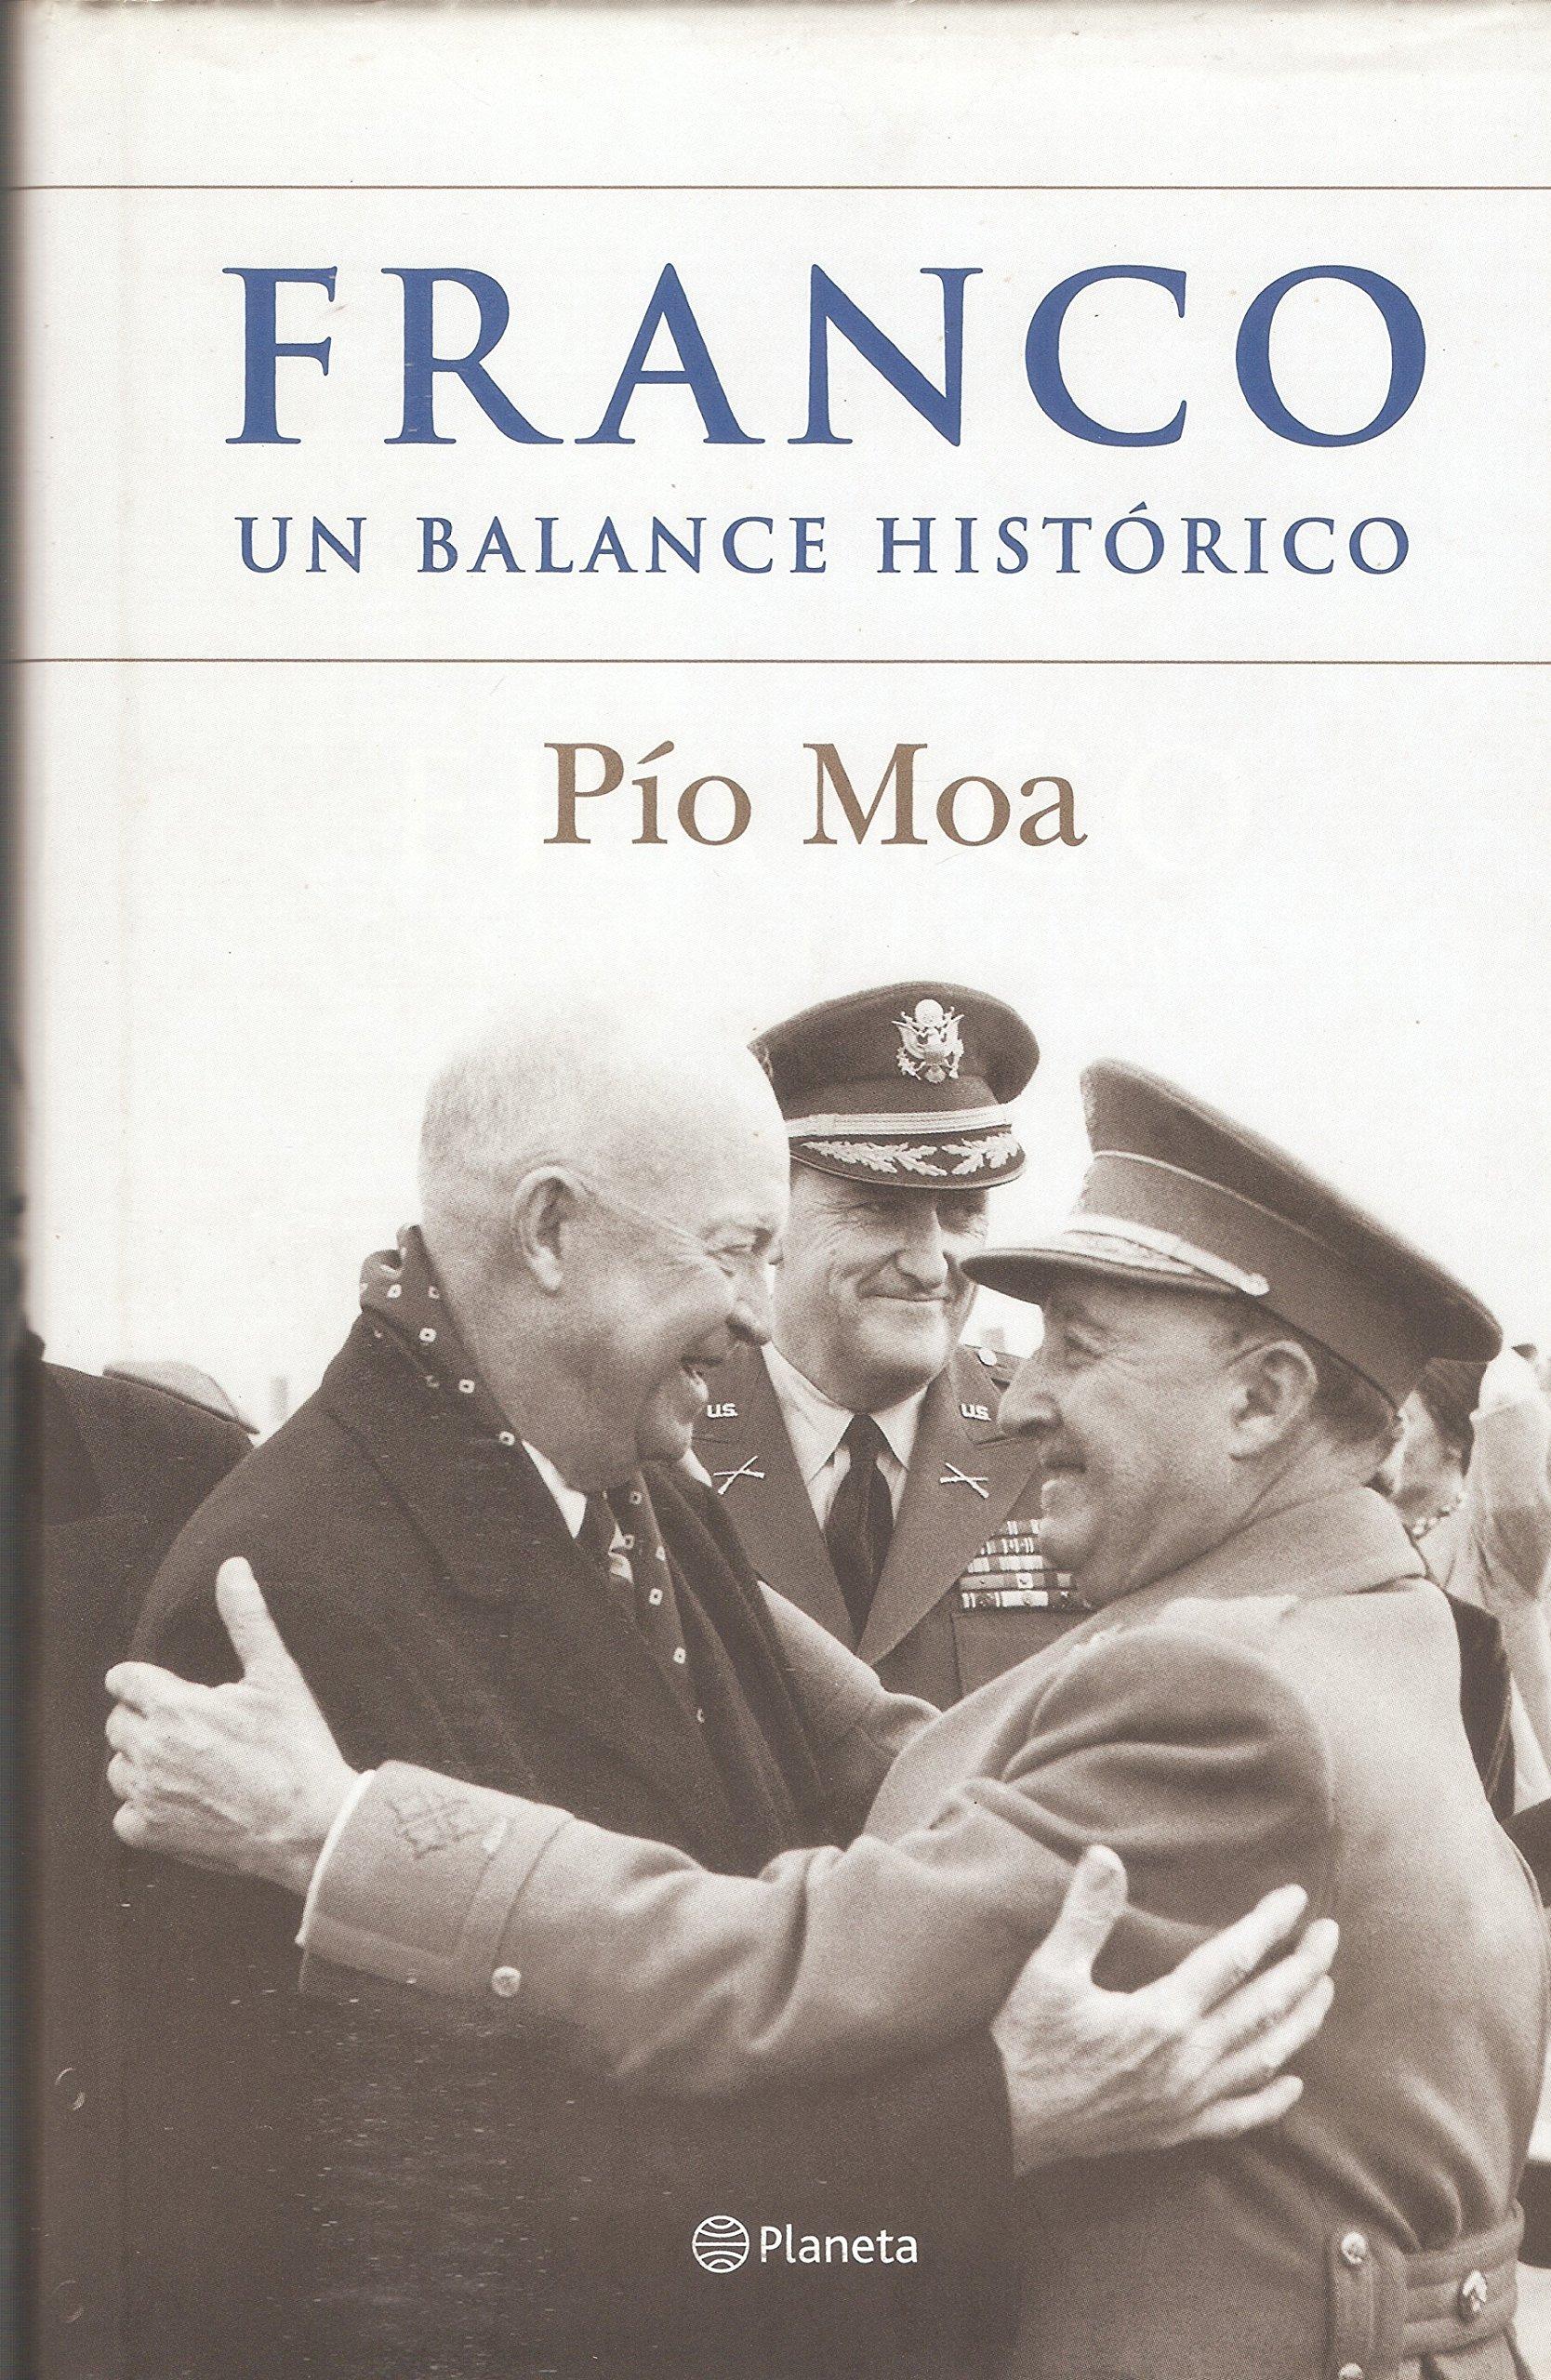 Franco. Un balance histórico (2005): Amazon.es: Pío Moa, E. Planeta: Libros